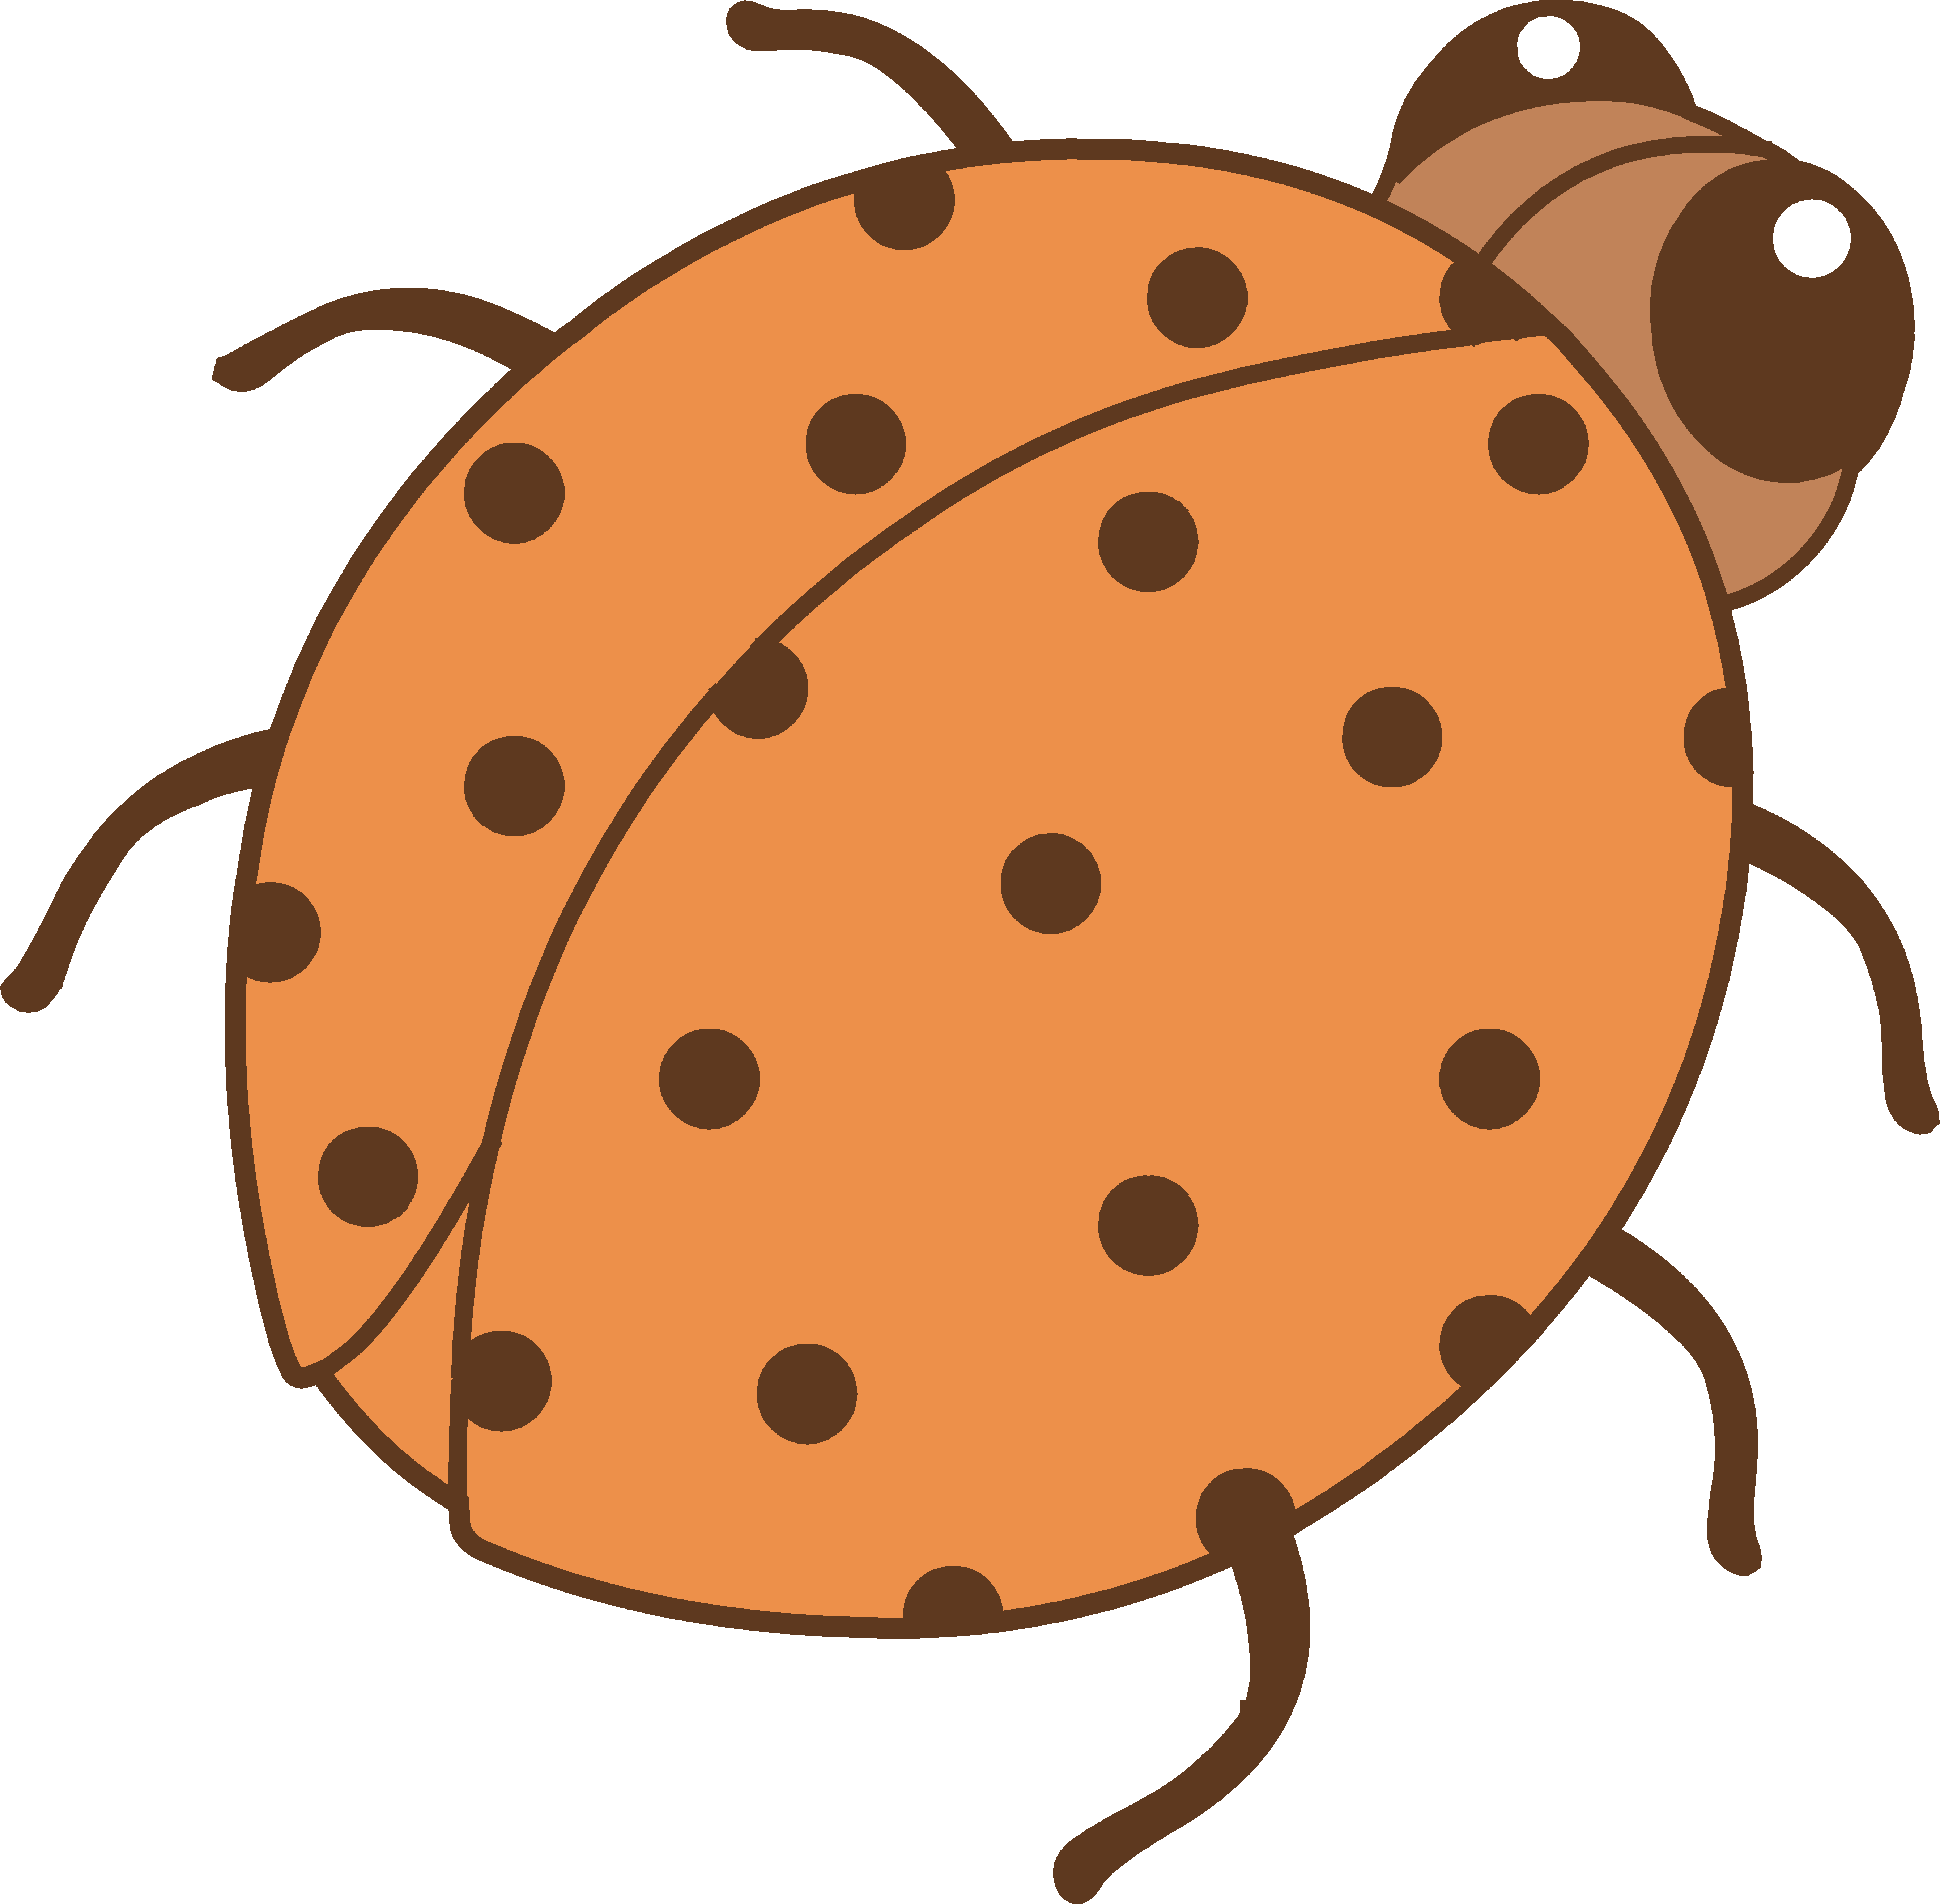 5364x5264 Ladybug Clipart Orange